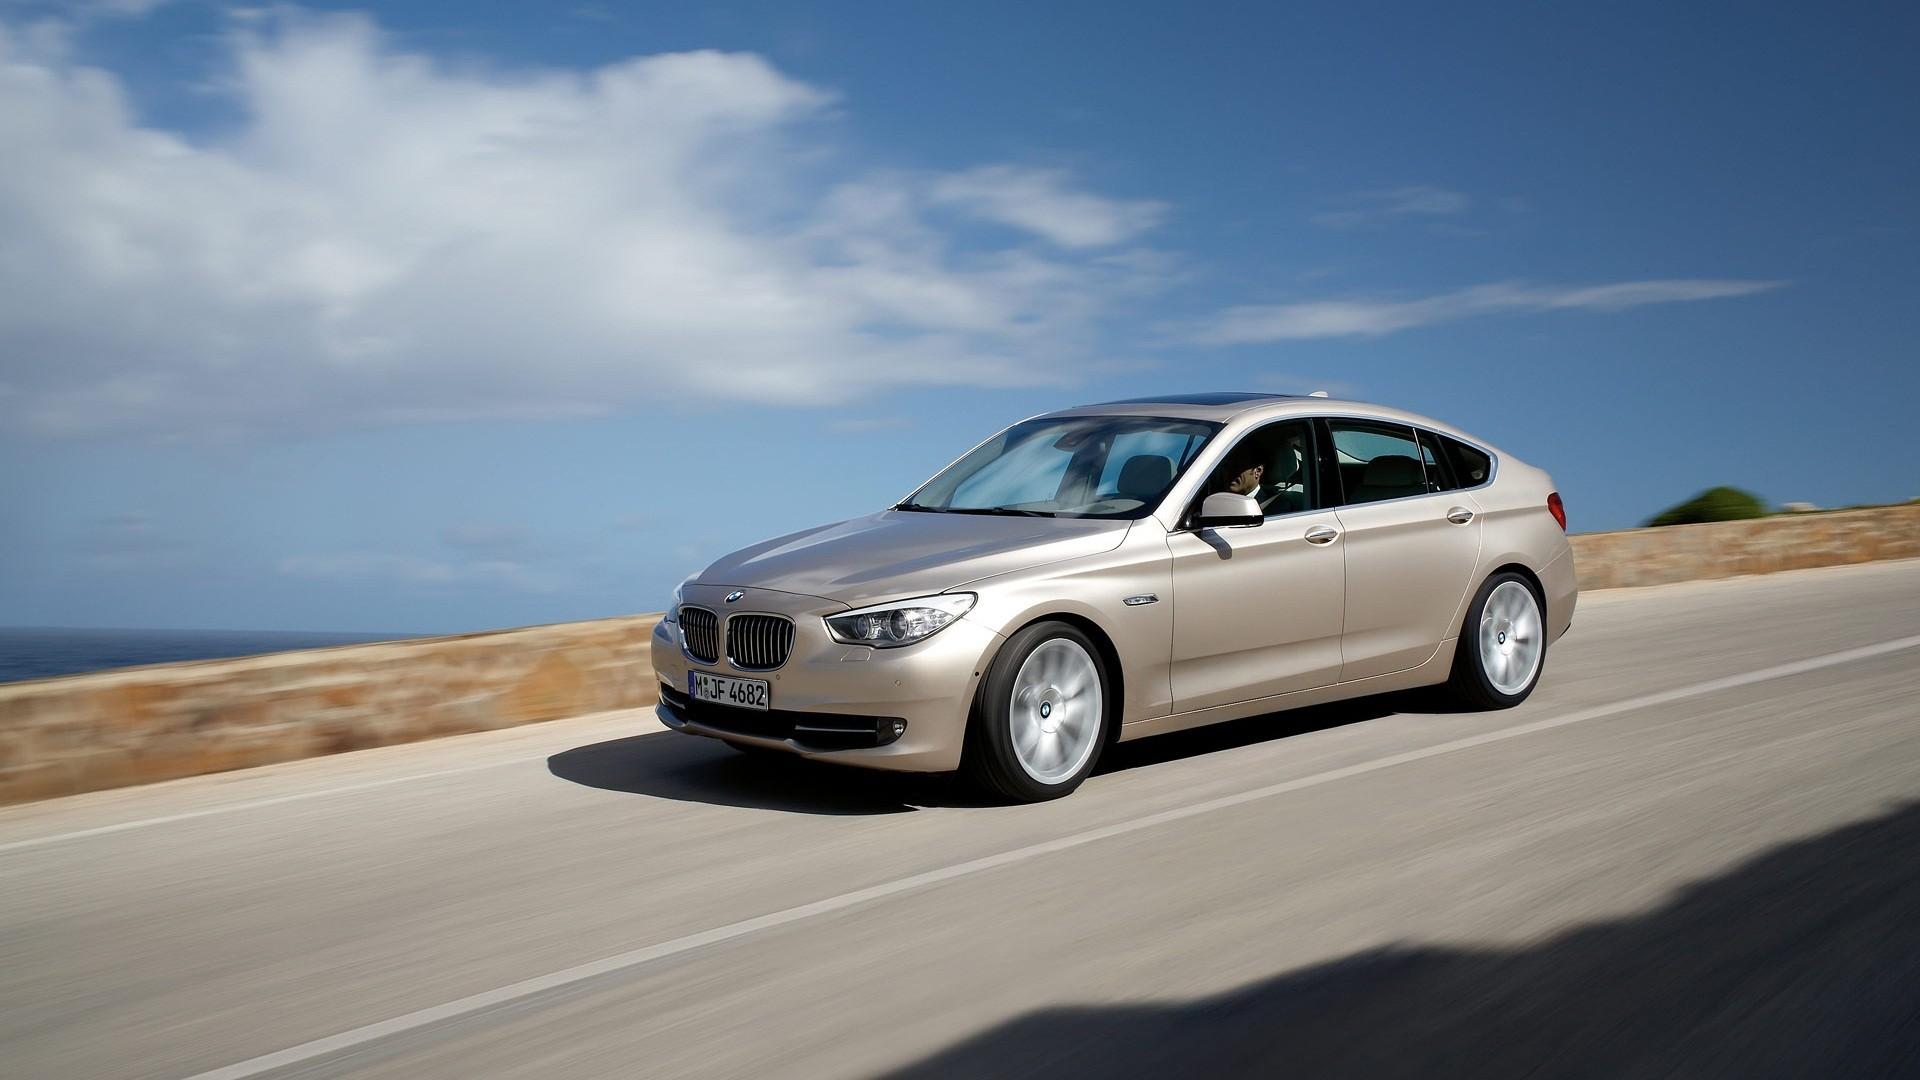 В России прекращены продажи хэтчбека BMW Gran Turismo 5-й серии